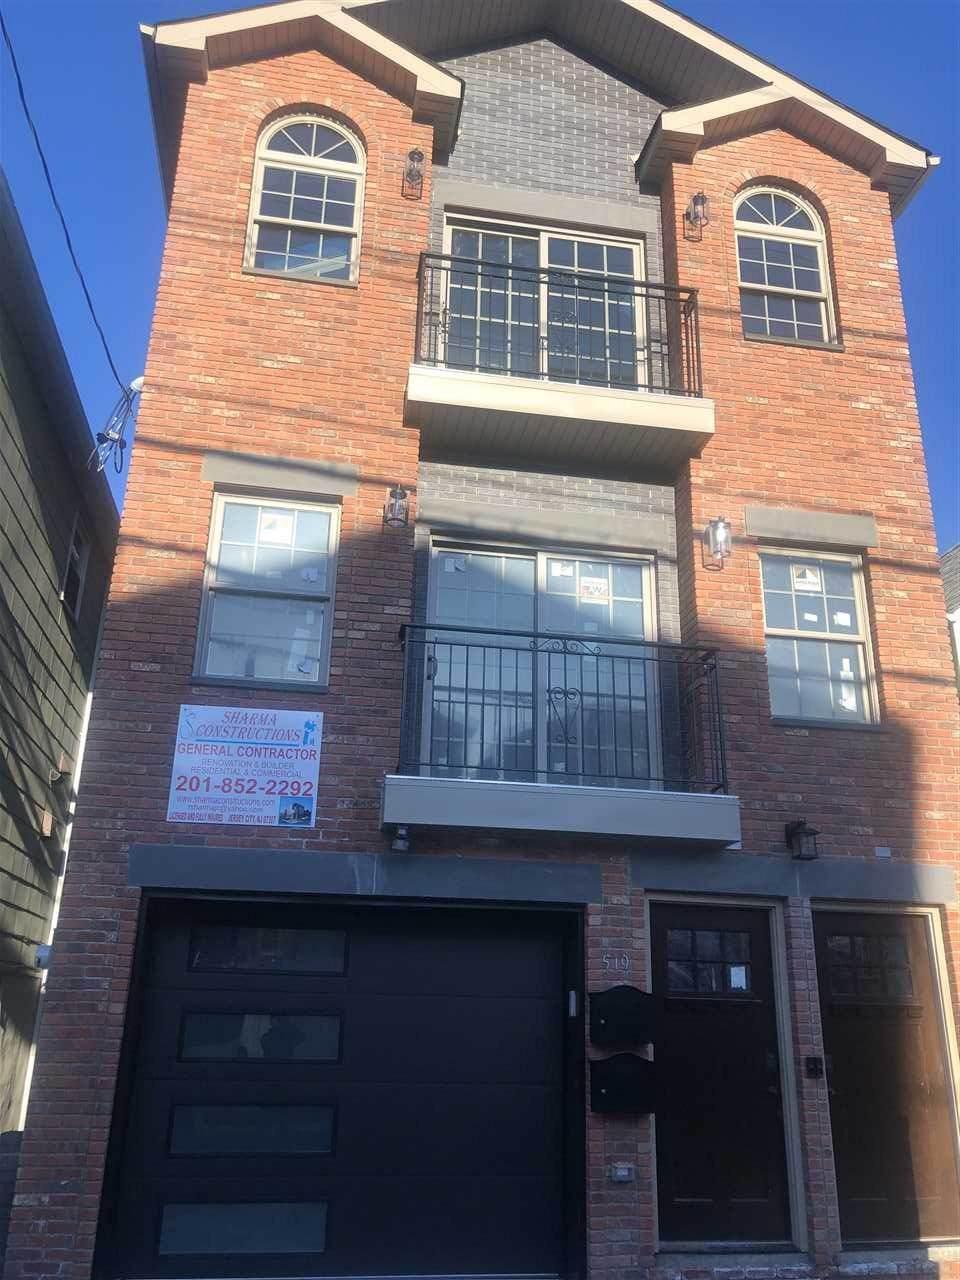 519 Liberty Ave - Photo 1